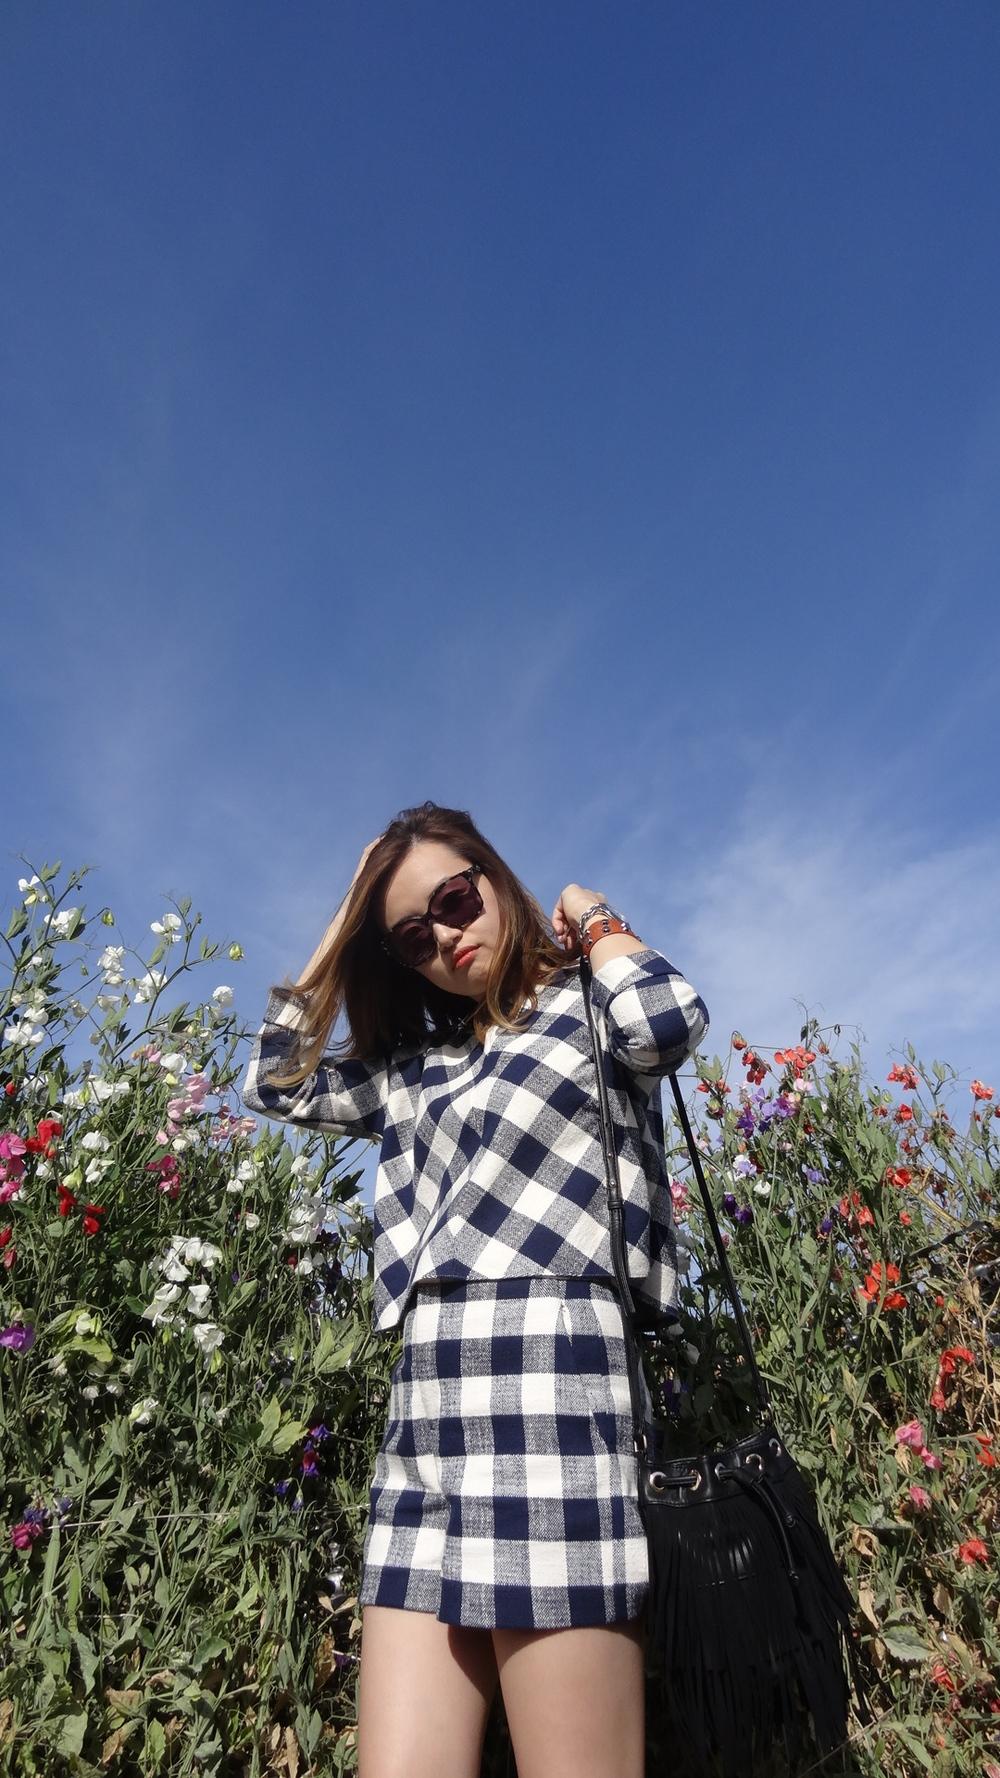 carlsbad flowerfield blue sky.jpg